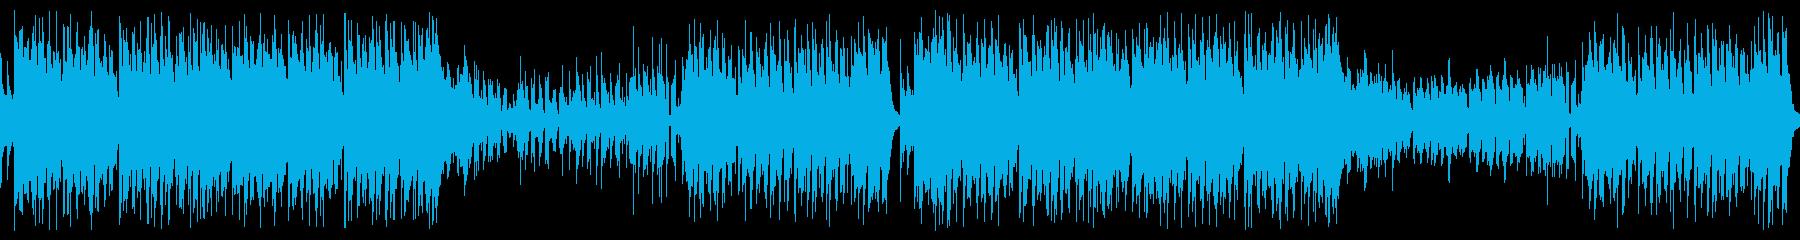 【ループ版】和風EDM・明るく軽快な…の再生済みの波形